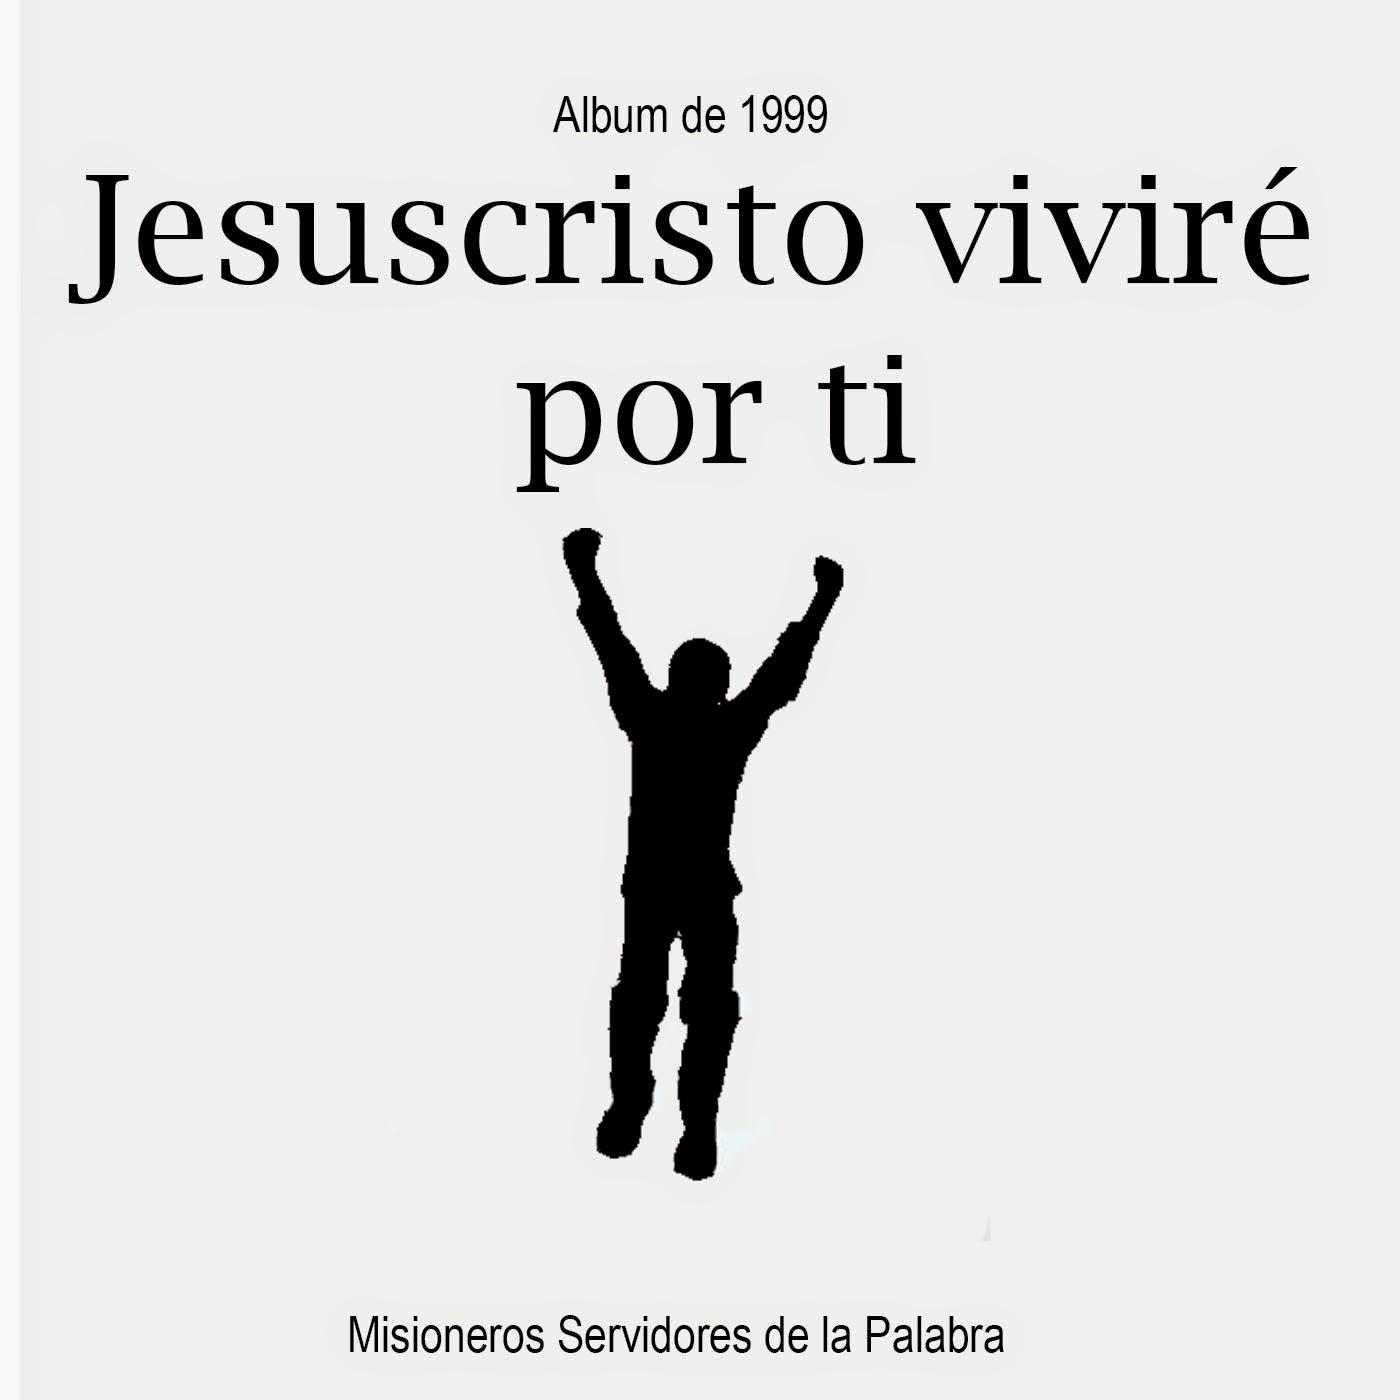 REFLECCIONES E IMAGENES: IMAGENES HERMOSAS - Imagenes De Jesucristo Gratis